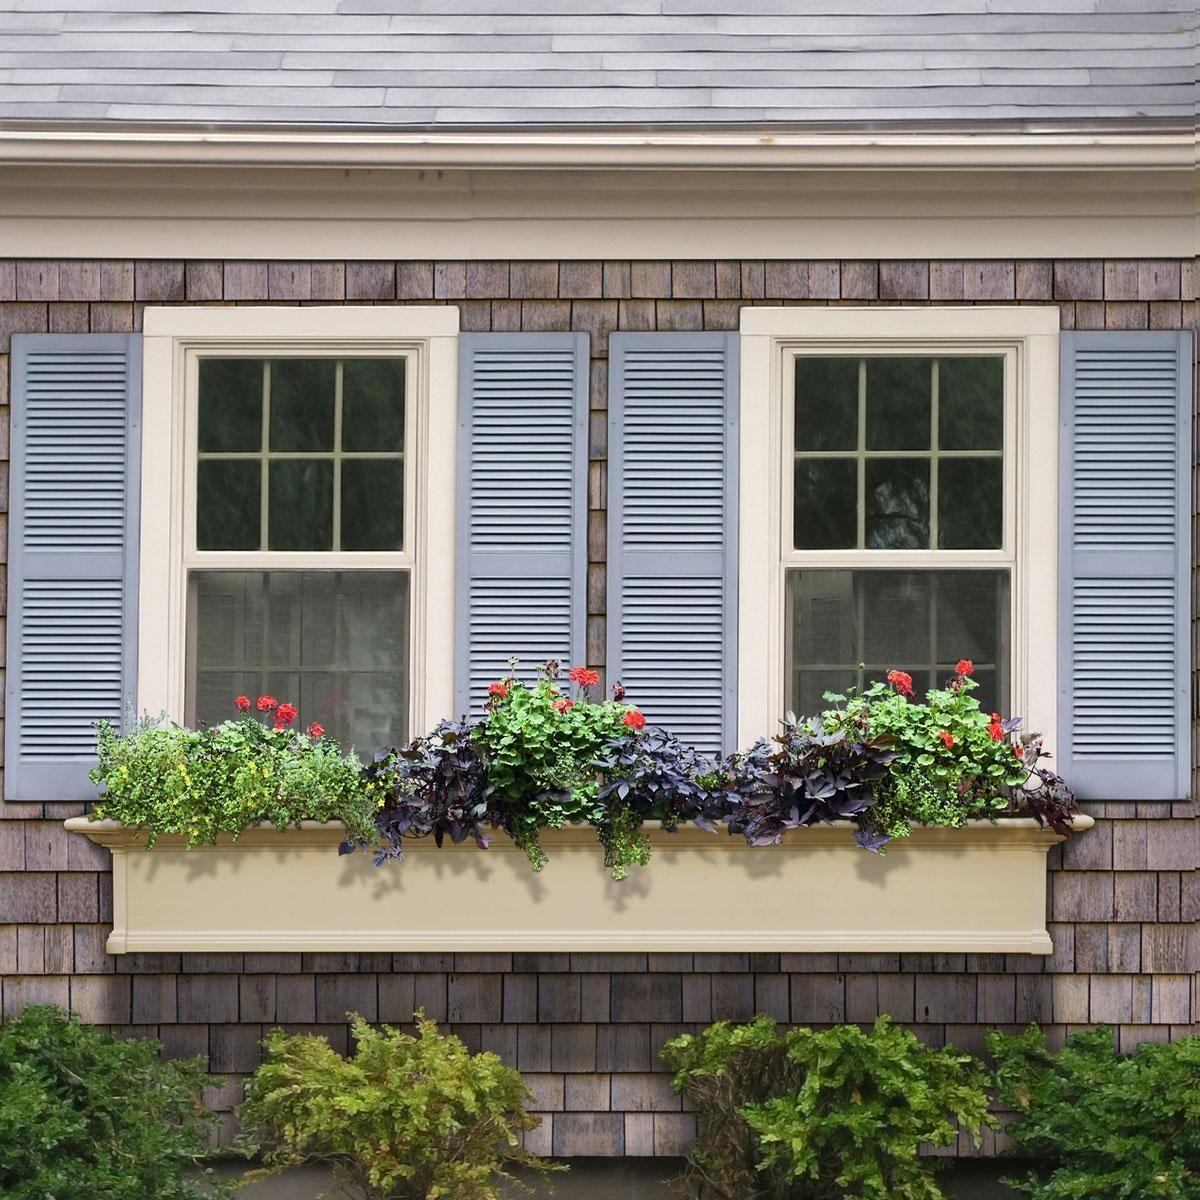 Architecturaldepot Com Mp4826 Yorkshire Window Box Window Box Porch Design